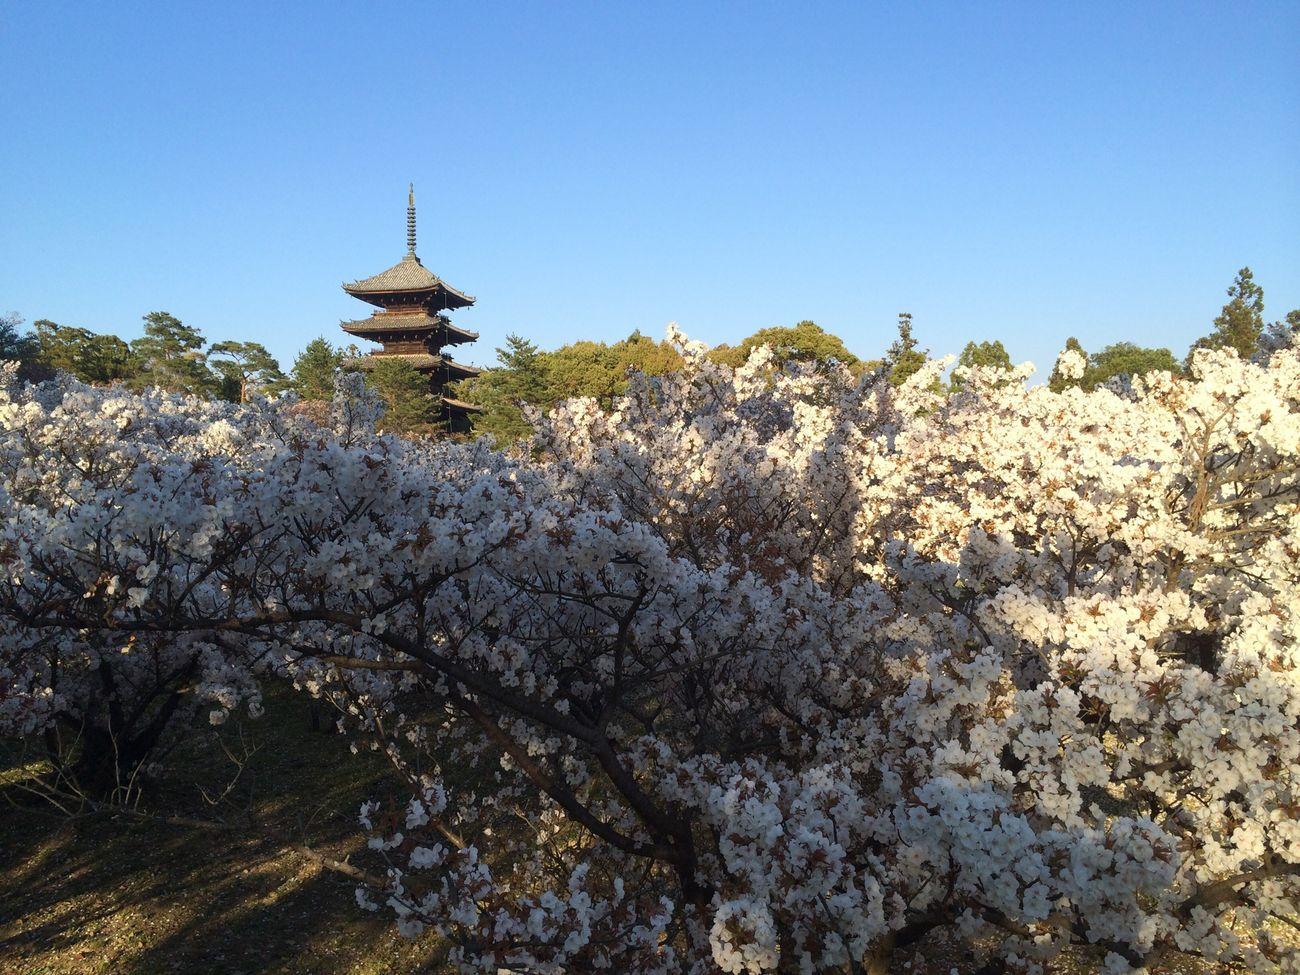 京都 仁和寺 御室桜 五重塔